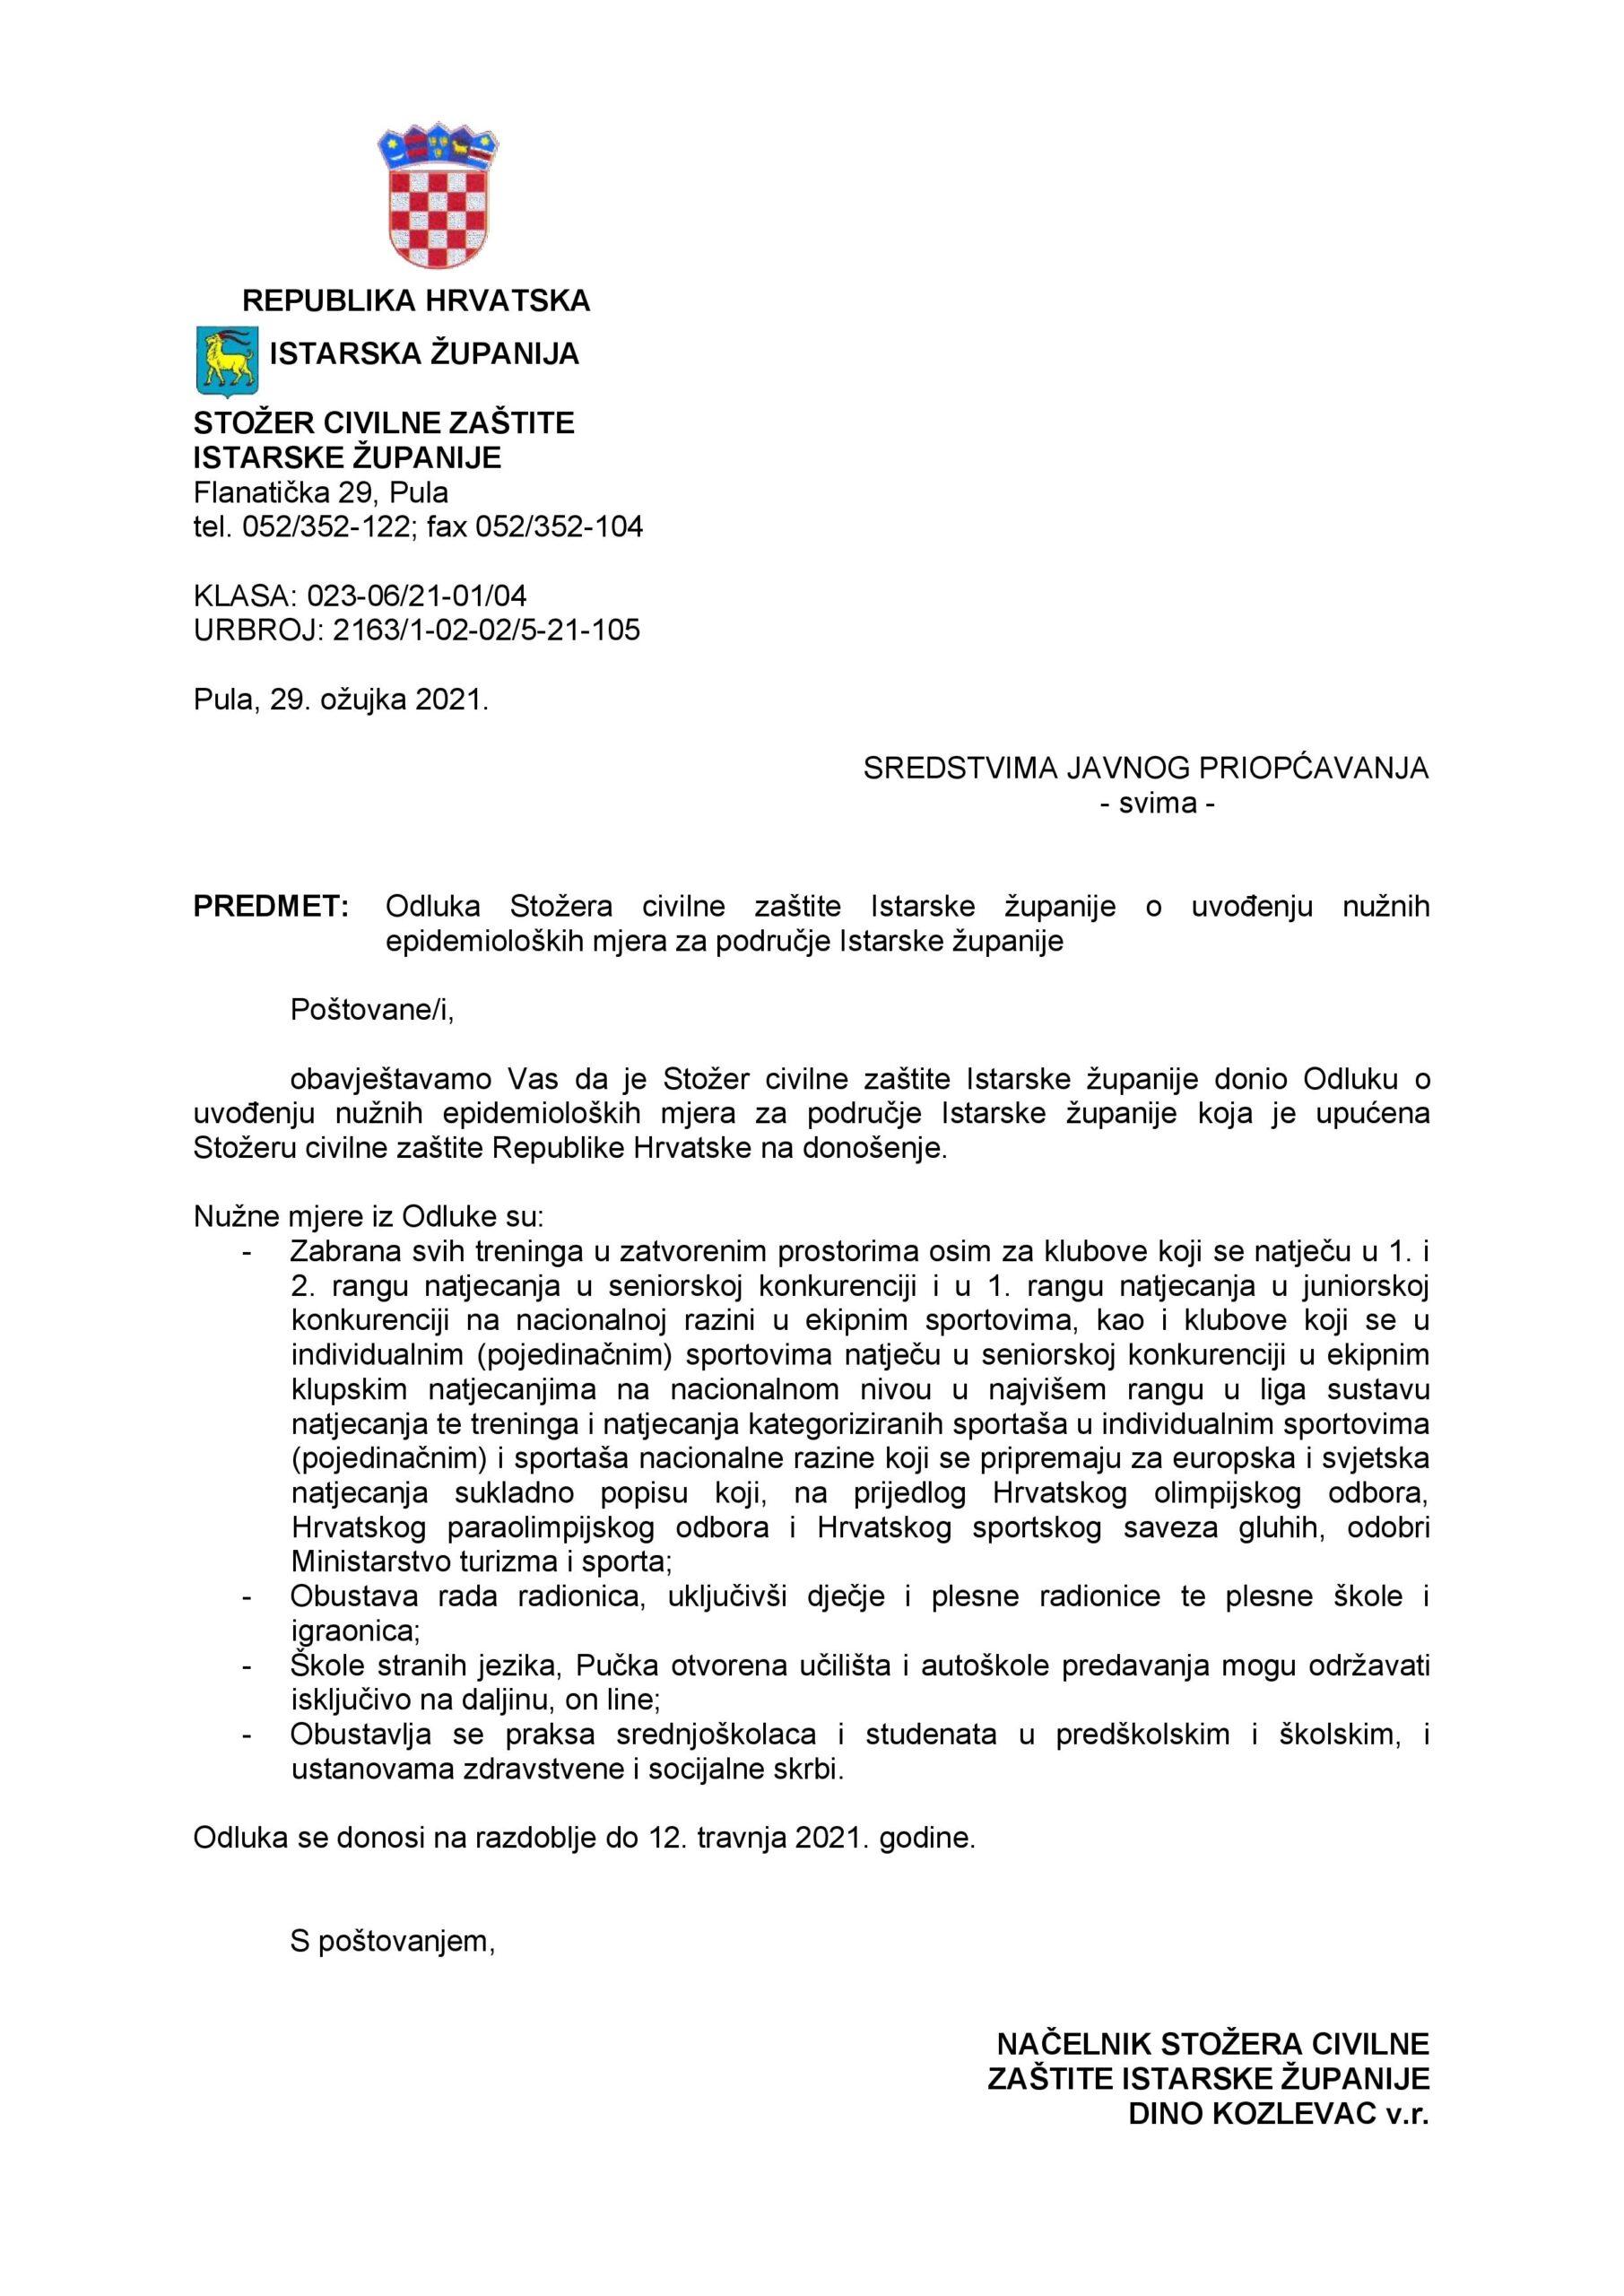 ODLUKA Stožera civilne zaštite Istarske županije o uvođenju nužnih epidemioloških mjera za područje IŽ-converted-page-001